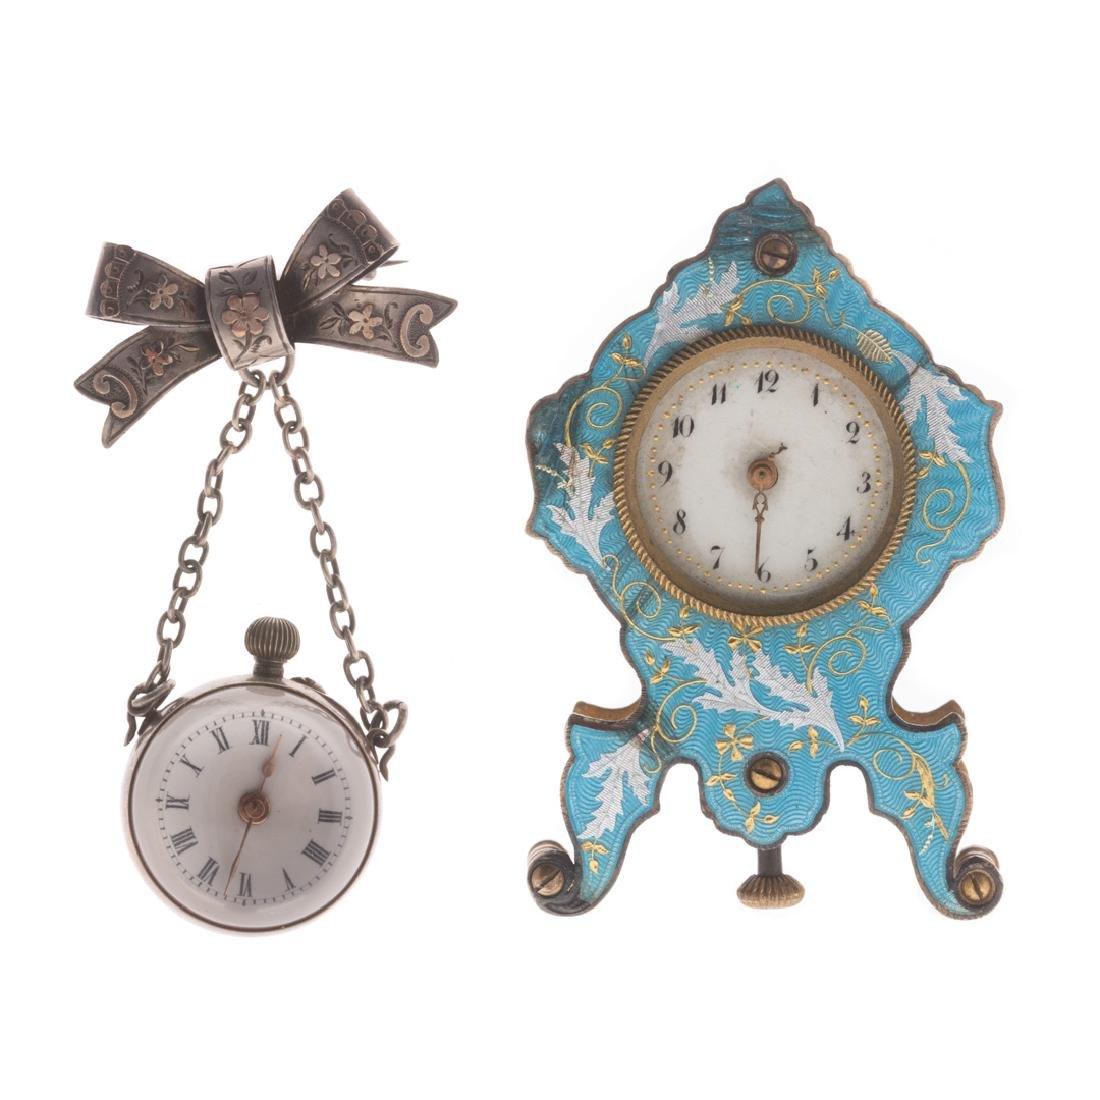 A Miniature Clock & a Ball Watch Brooch